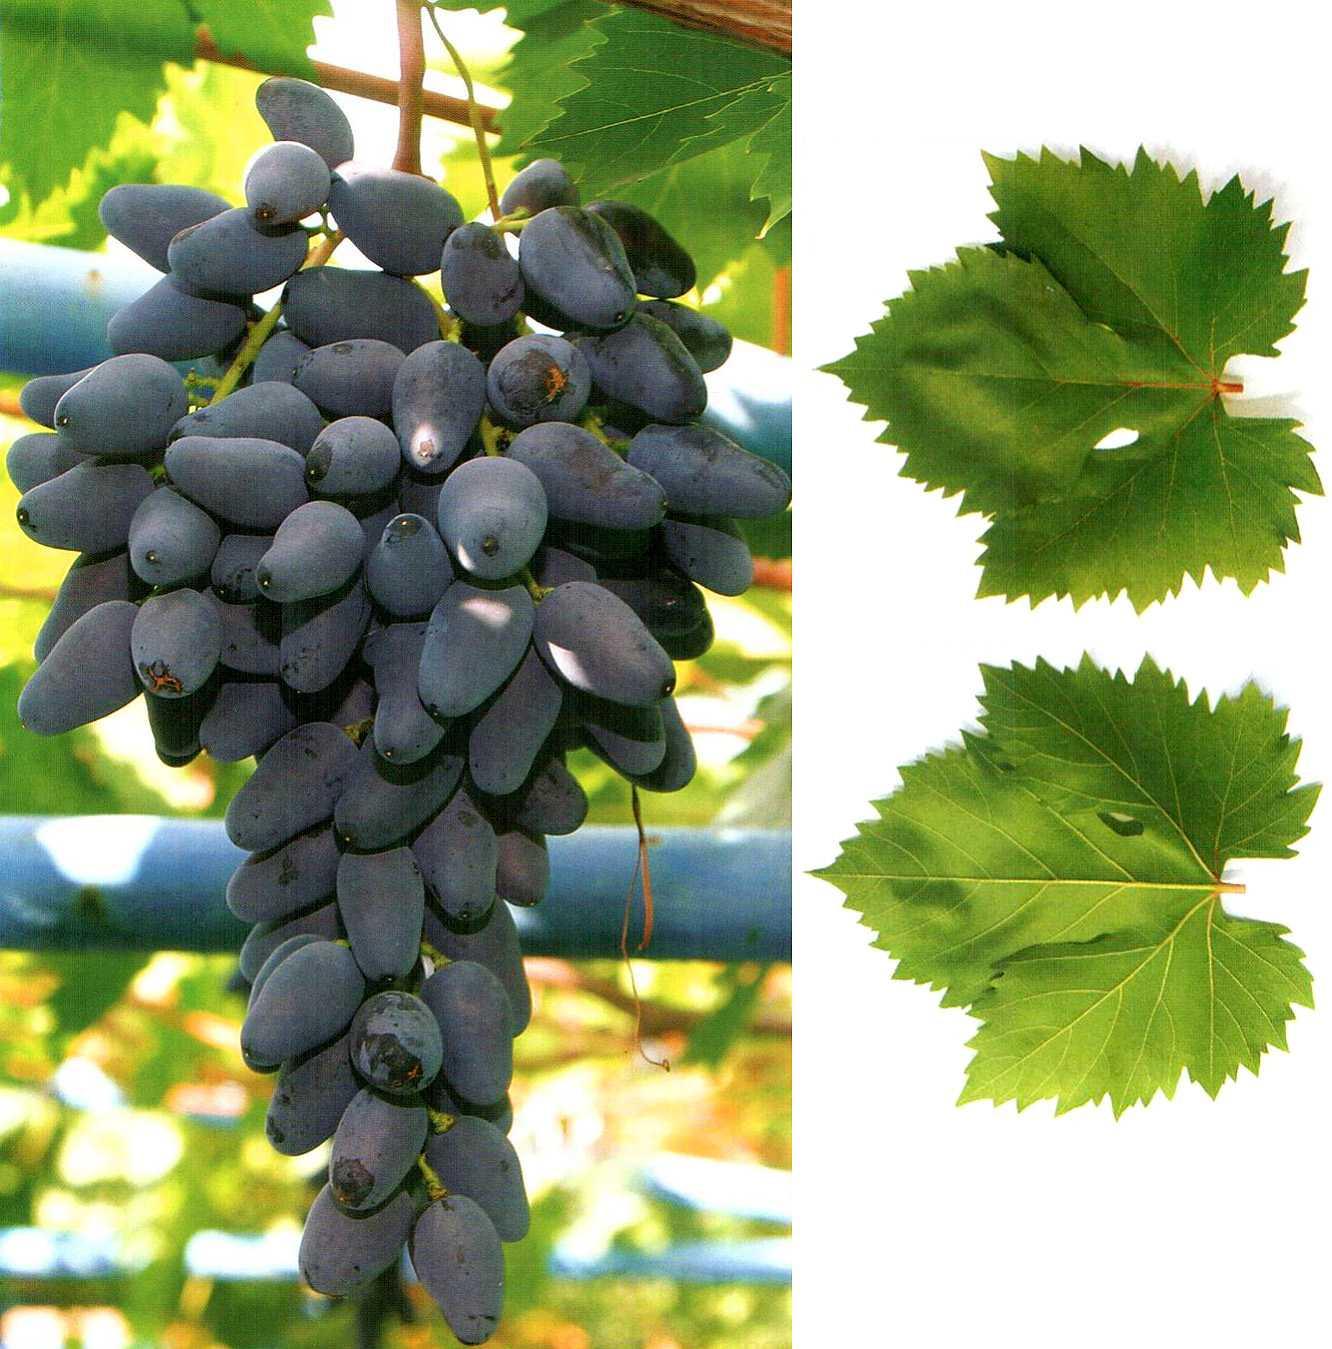 вещь фото коронки винограда памяти негруля что